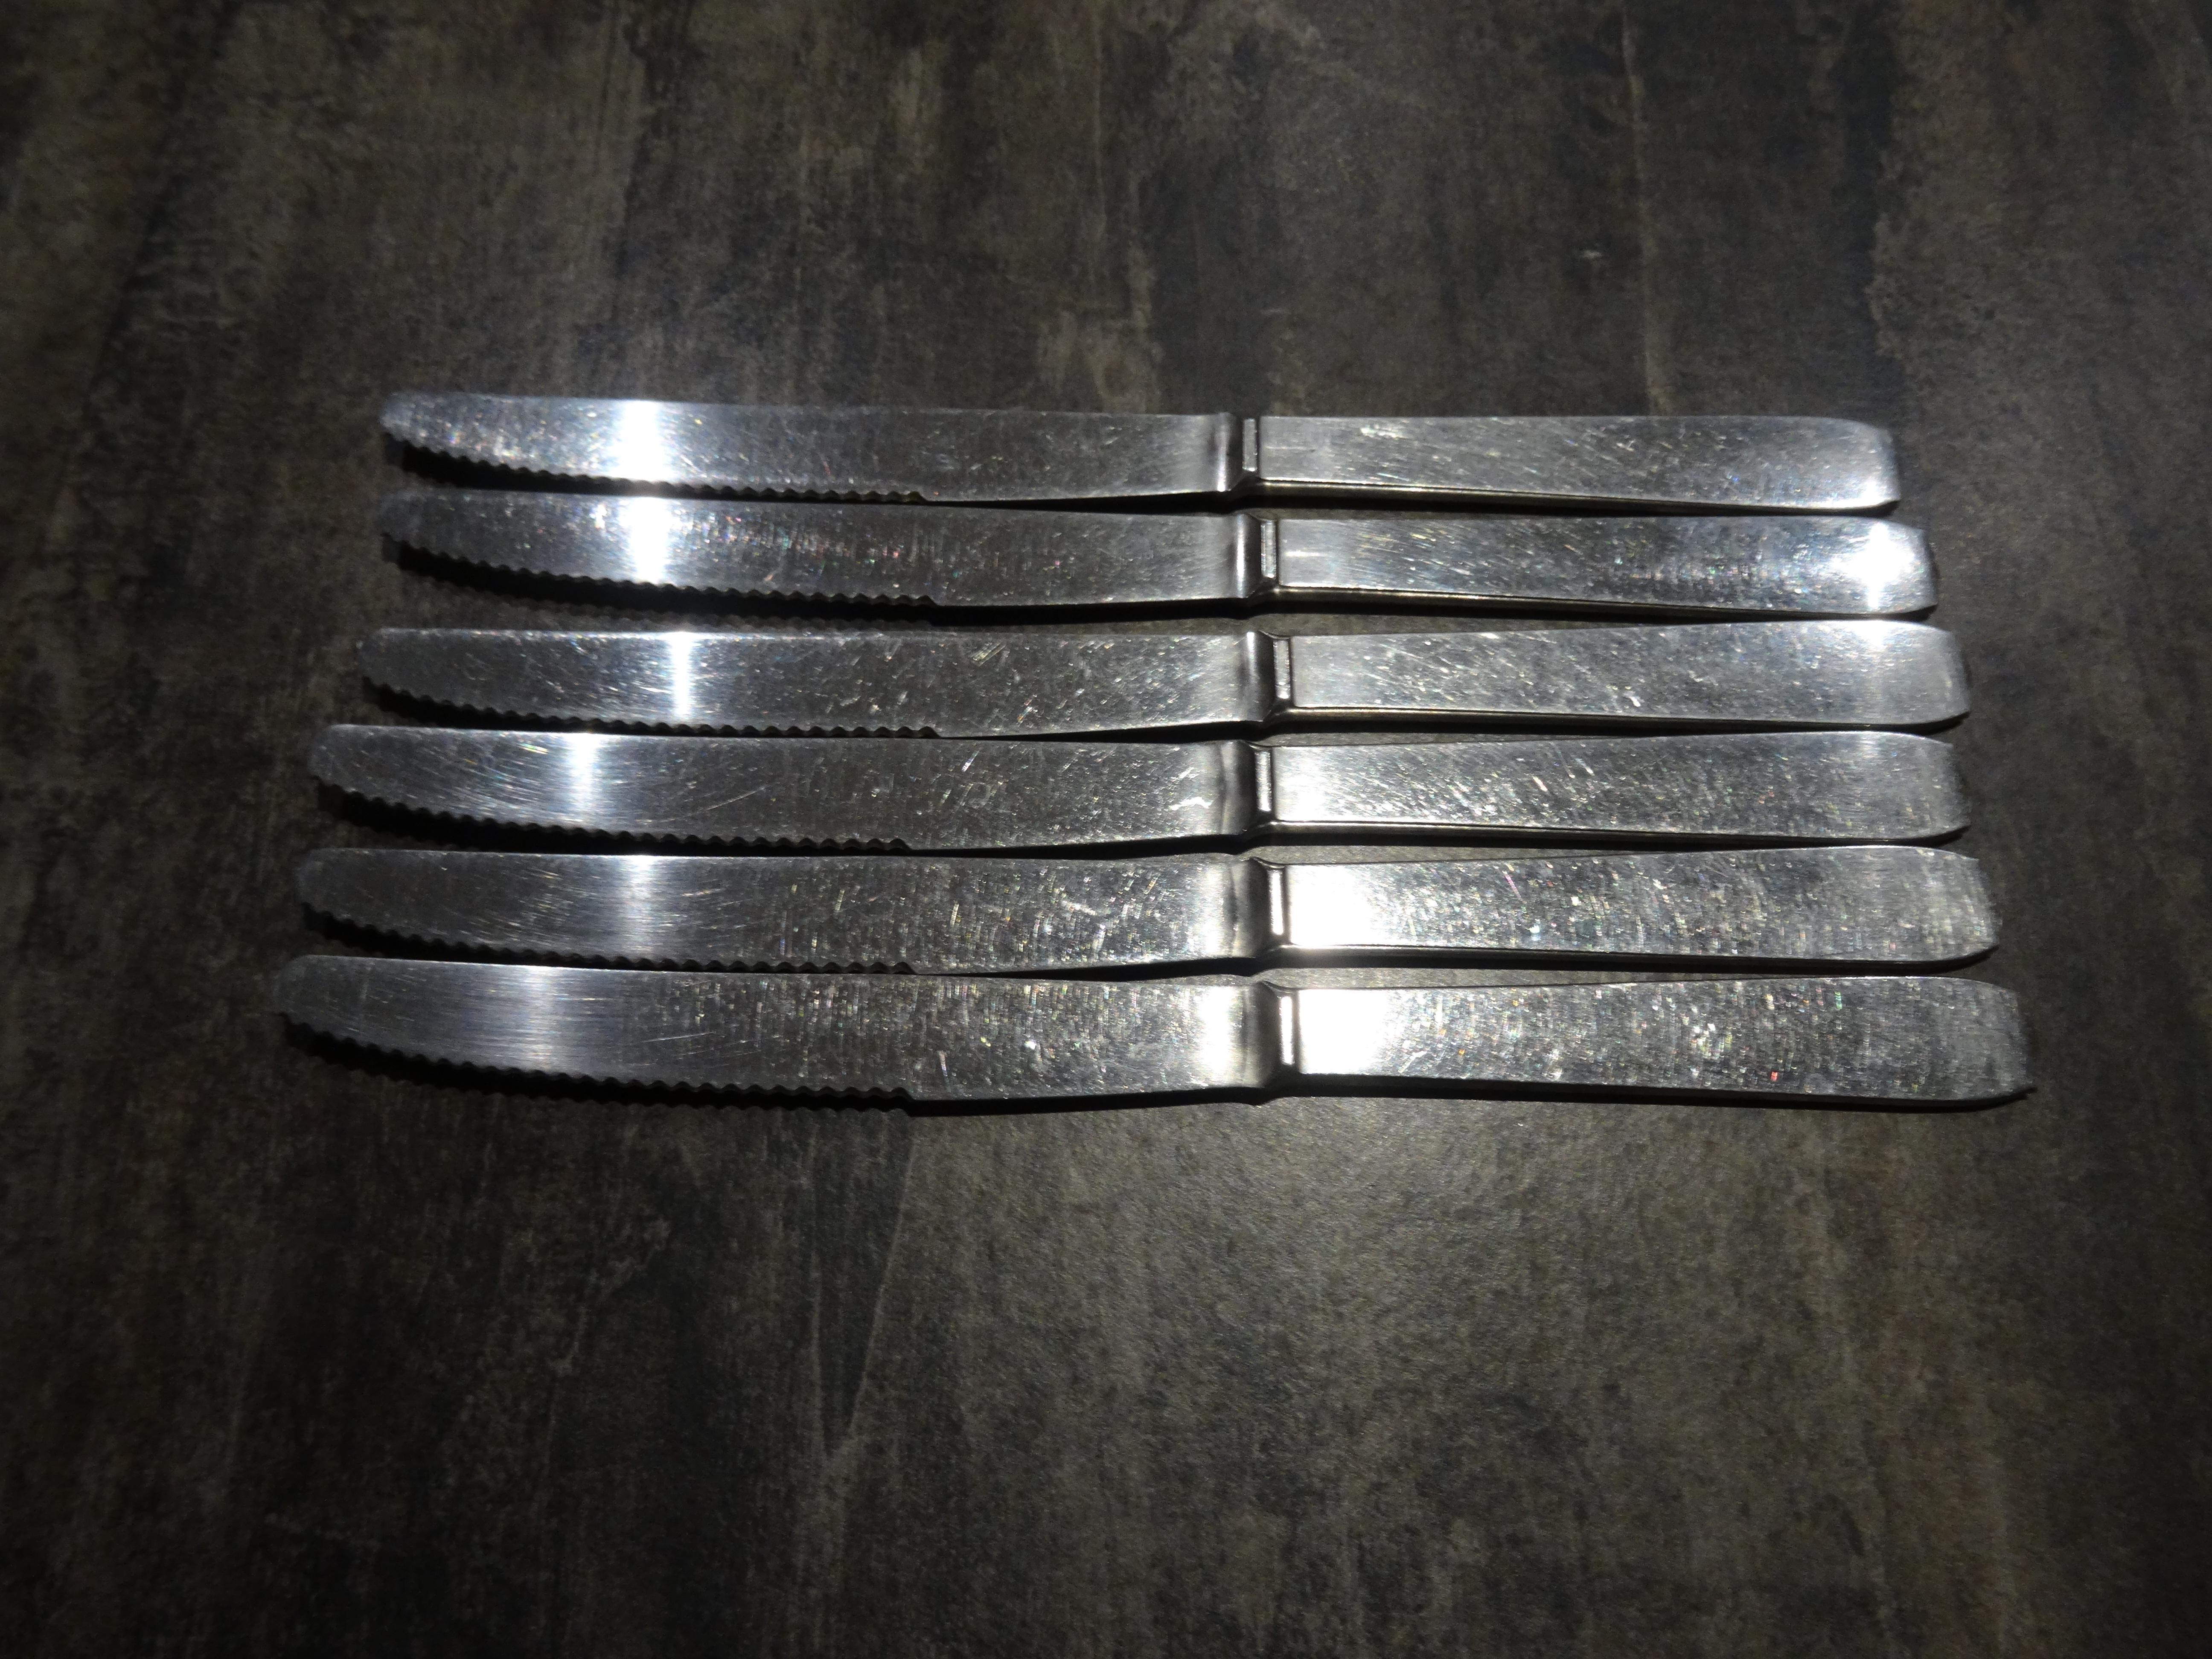 troc de troc 6 couteaux (1) image 0